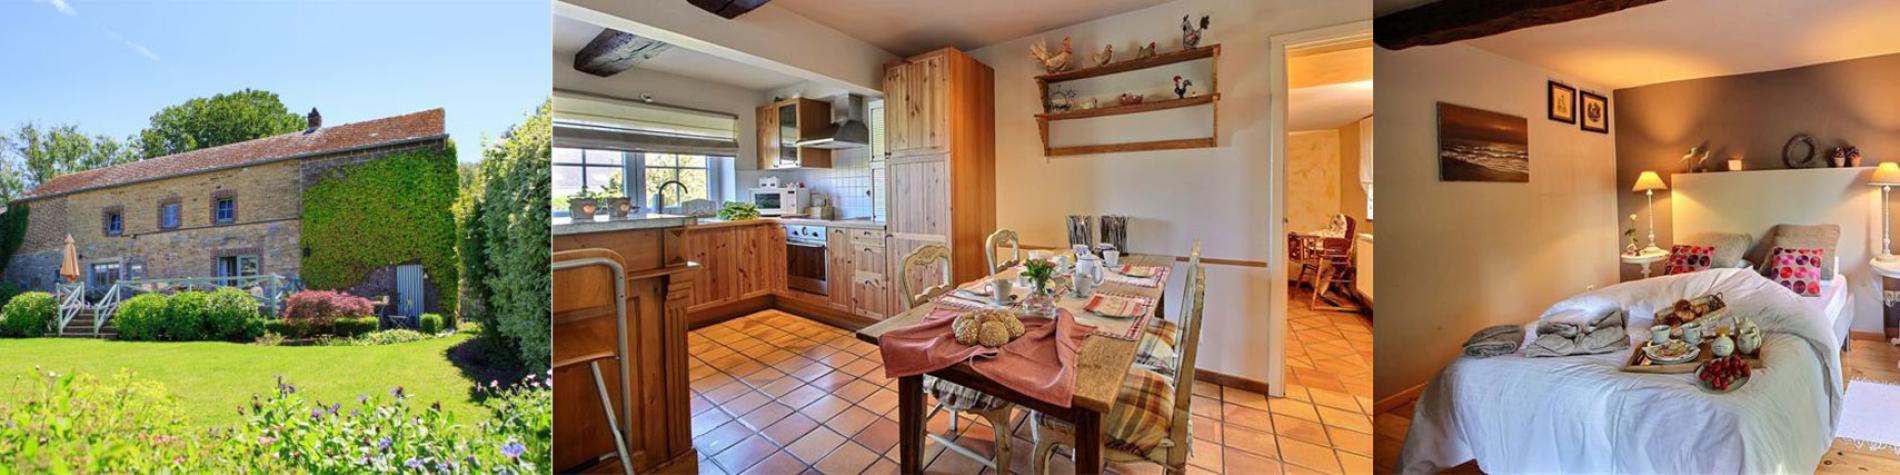 Le Charme du Passé - Gîte rural - Havelange - Cuisine équipée - Salon avec TV - Wifi